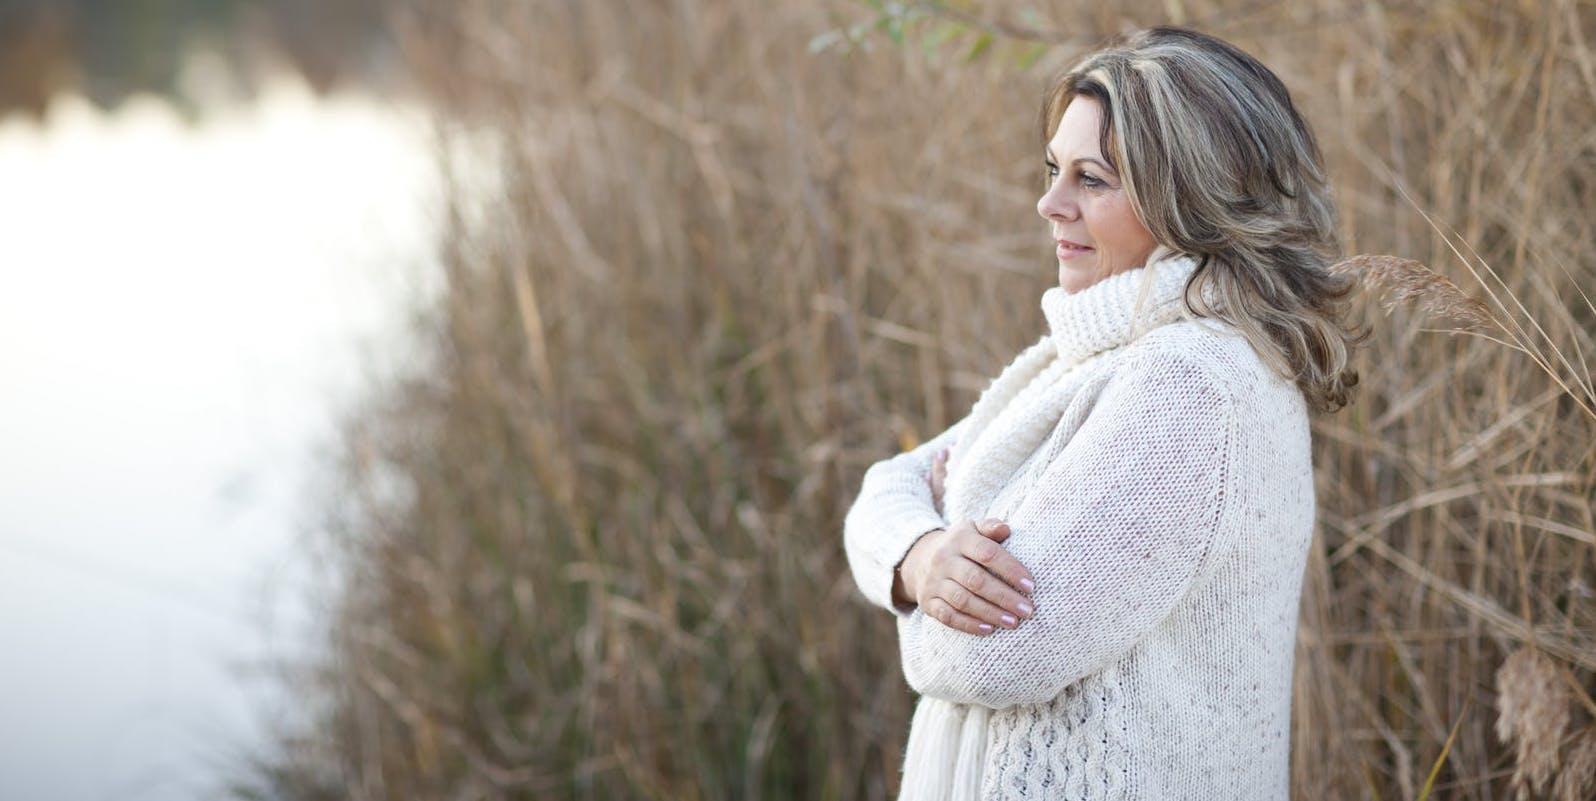 Los 10 mejores consejos para perder peso con bajos carbos para mujeres mayores de 40